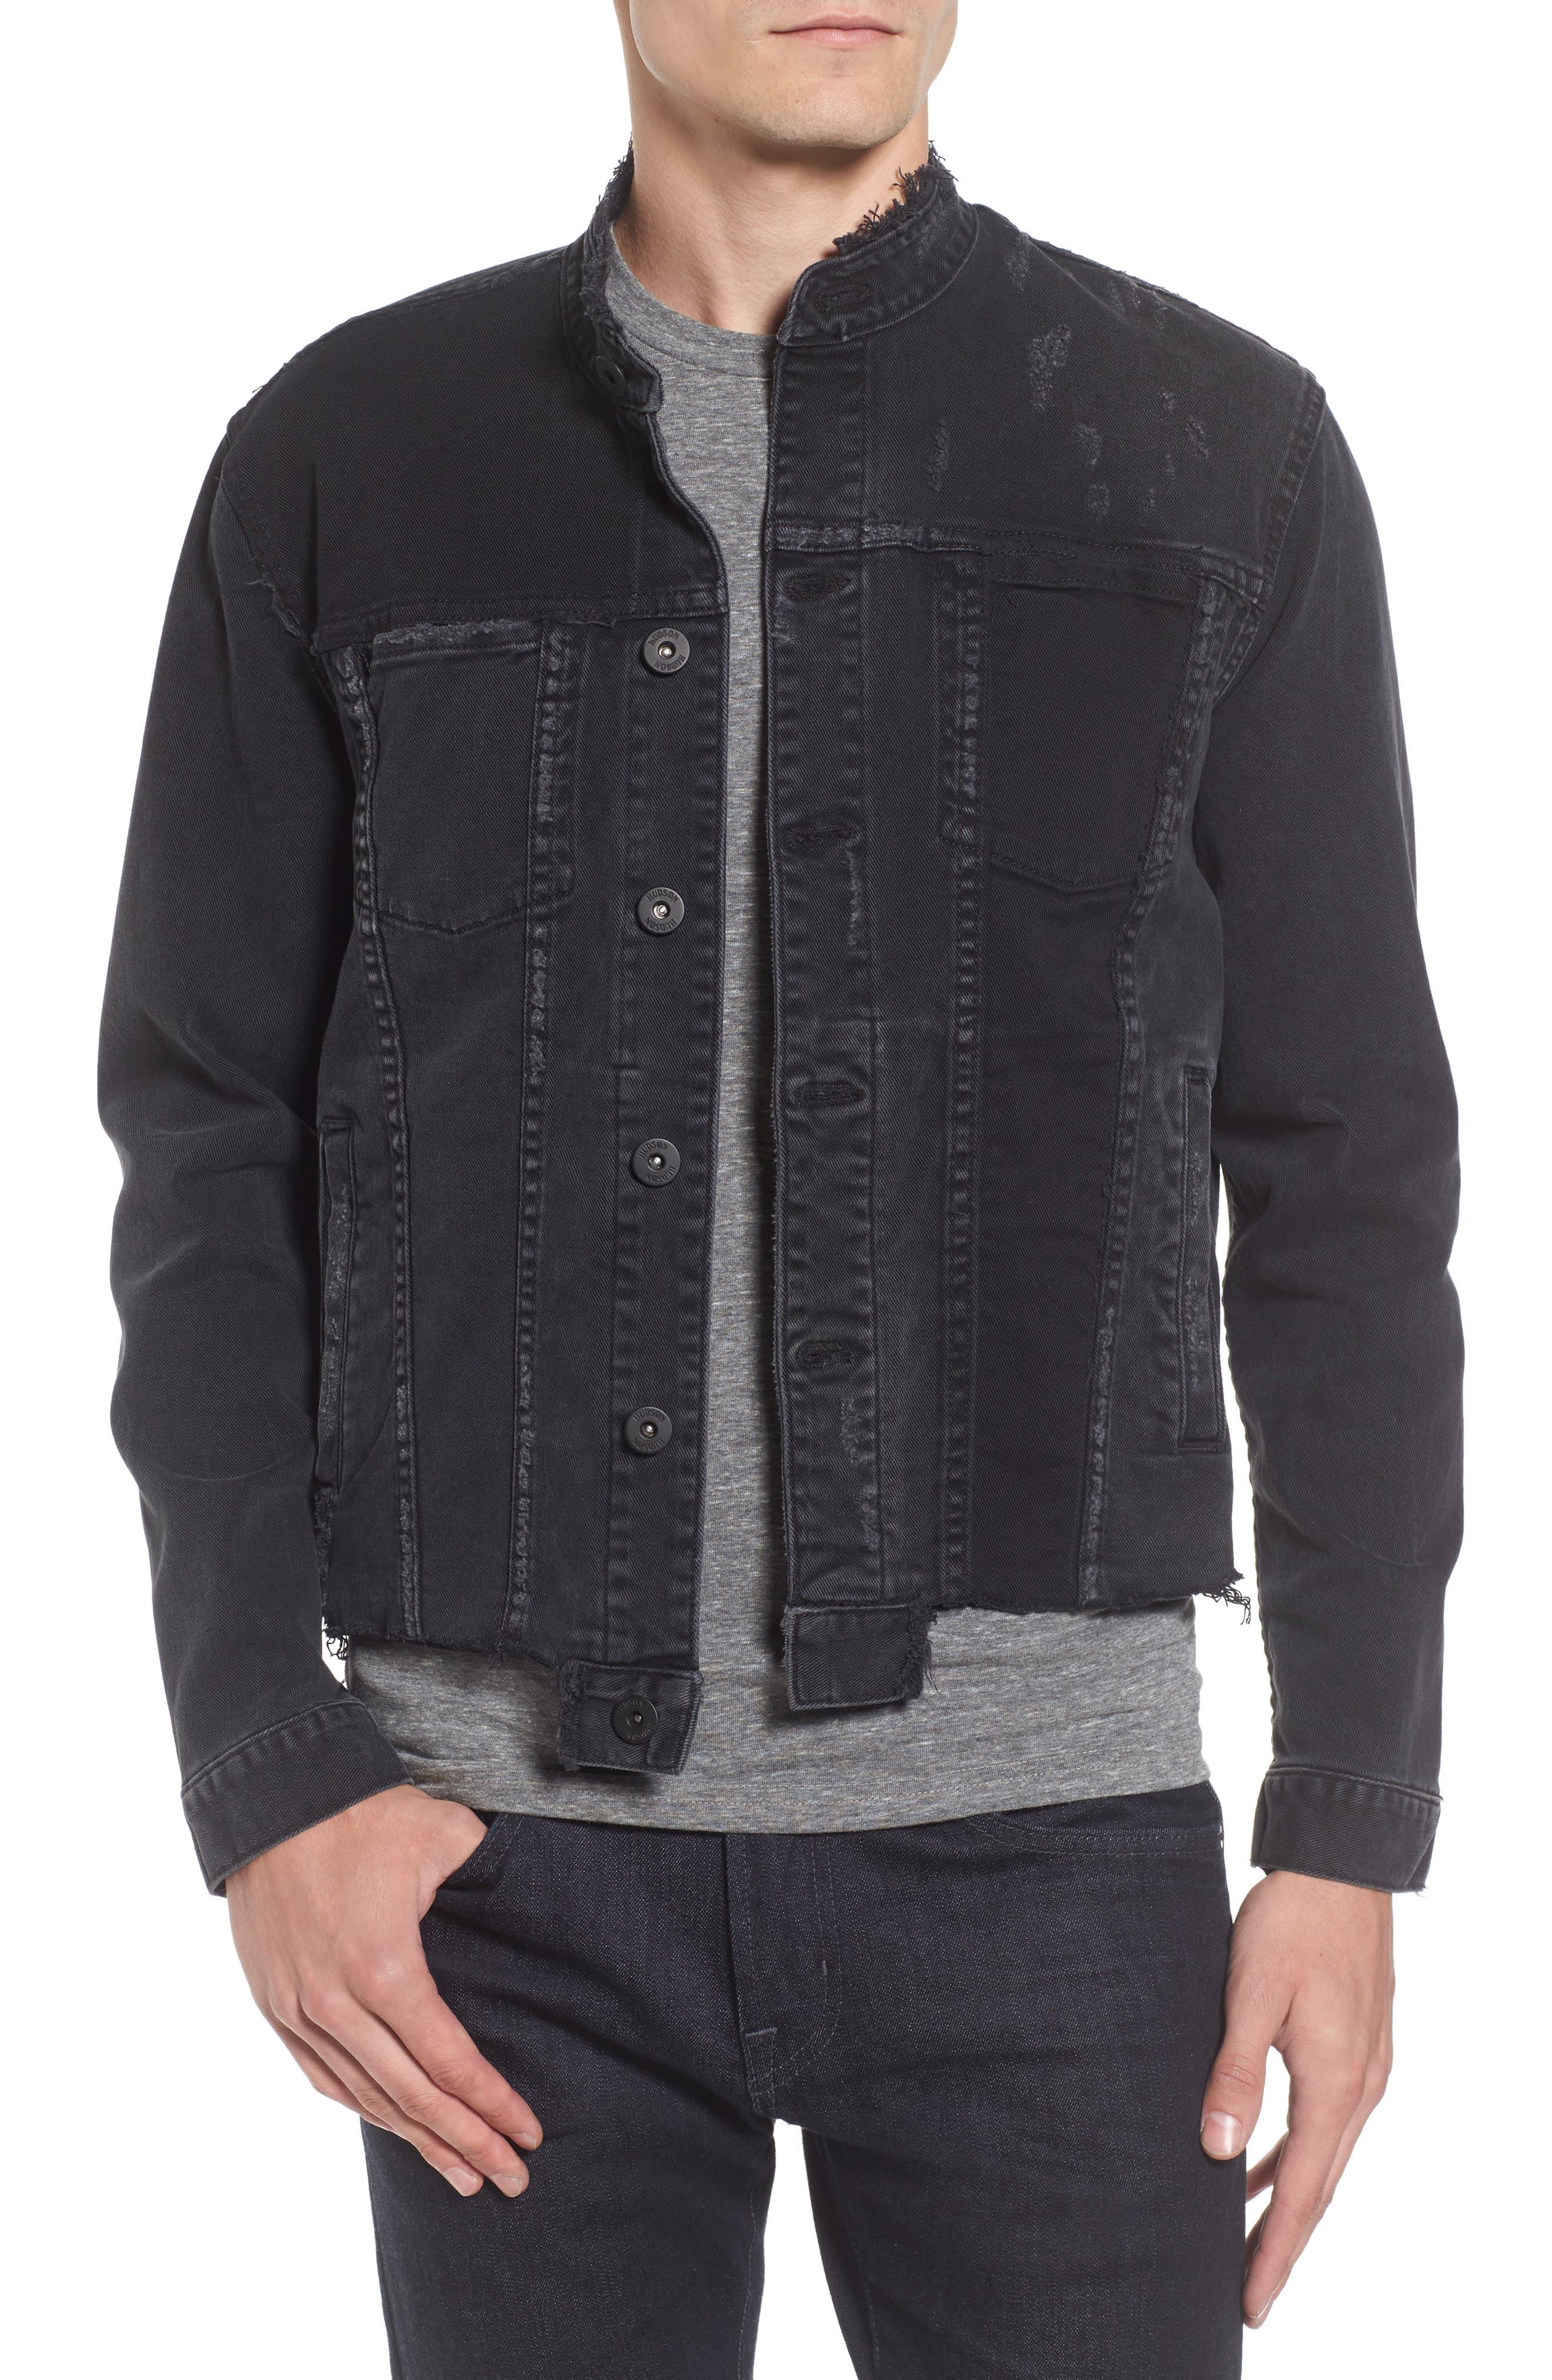 Blaine Denim Jacket,                         Main,                         color, 020